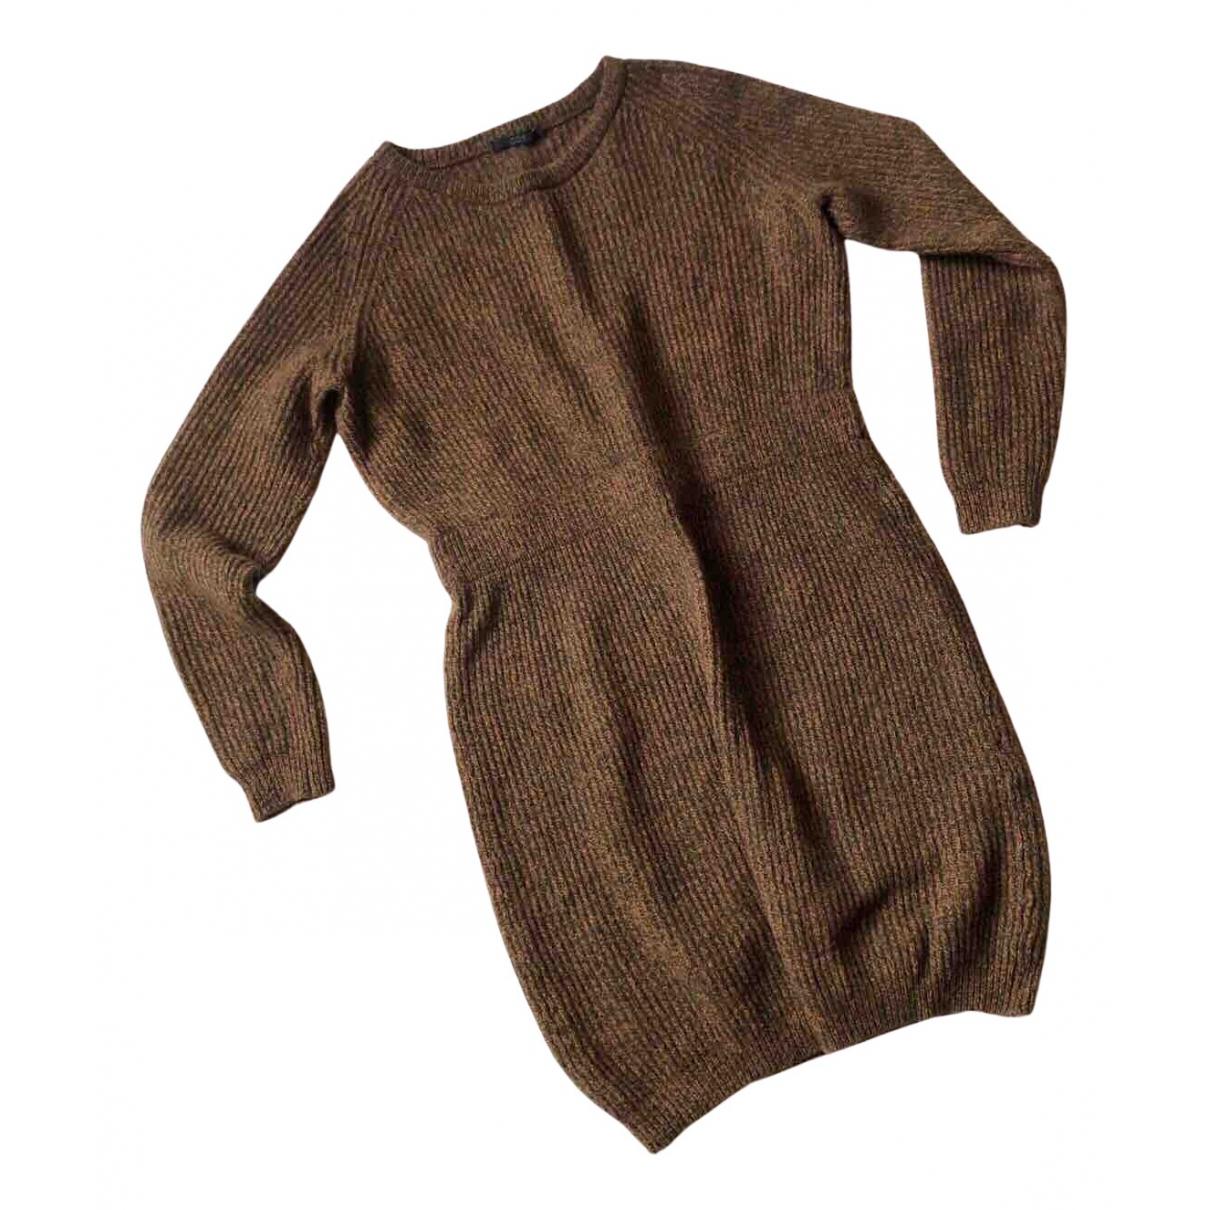 Cos \N Kleid in  Braun Wolle